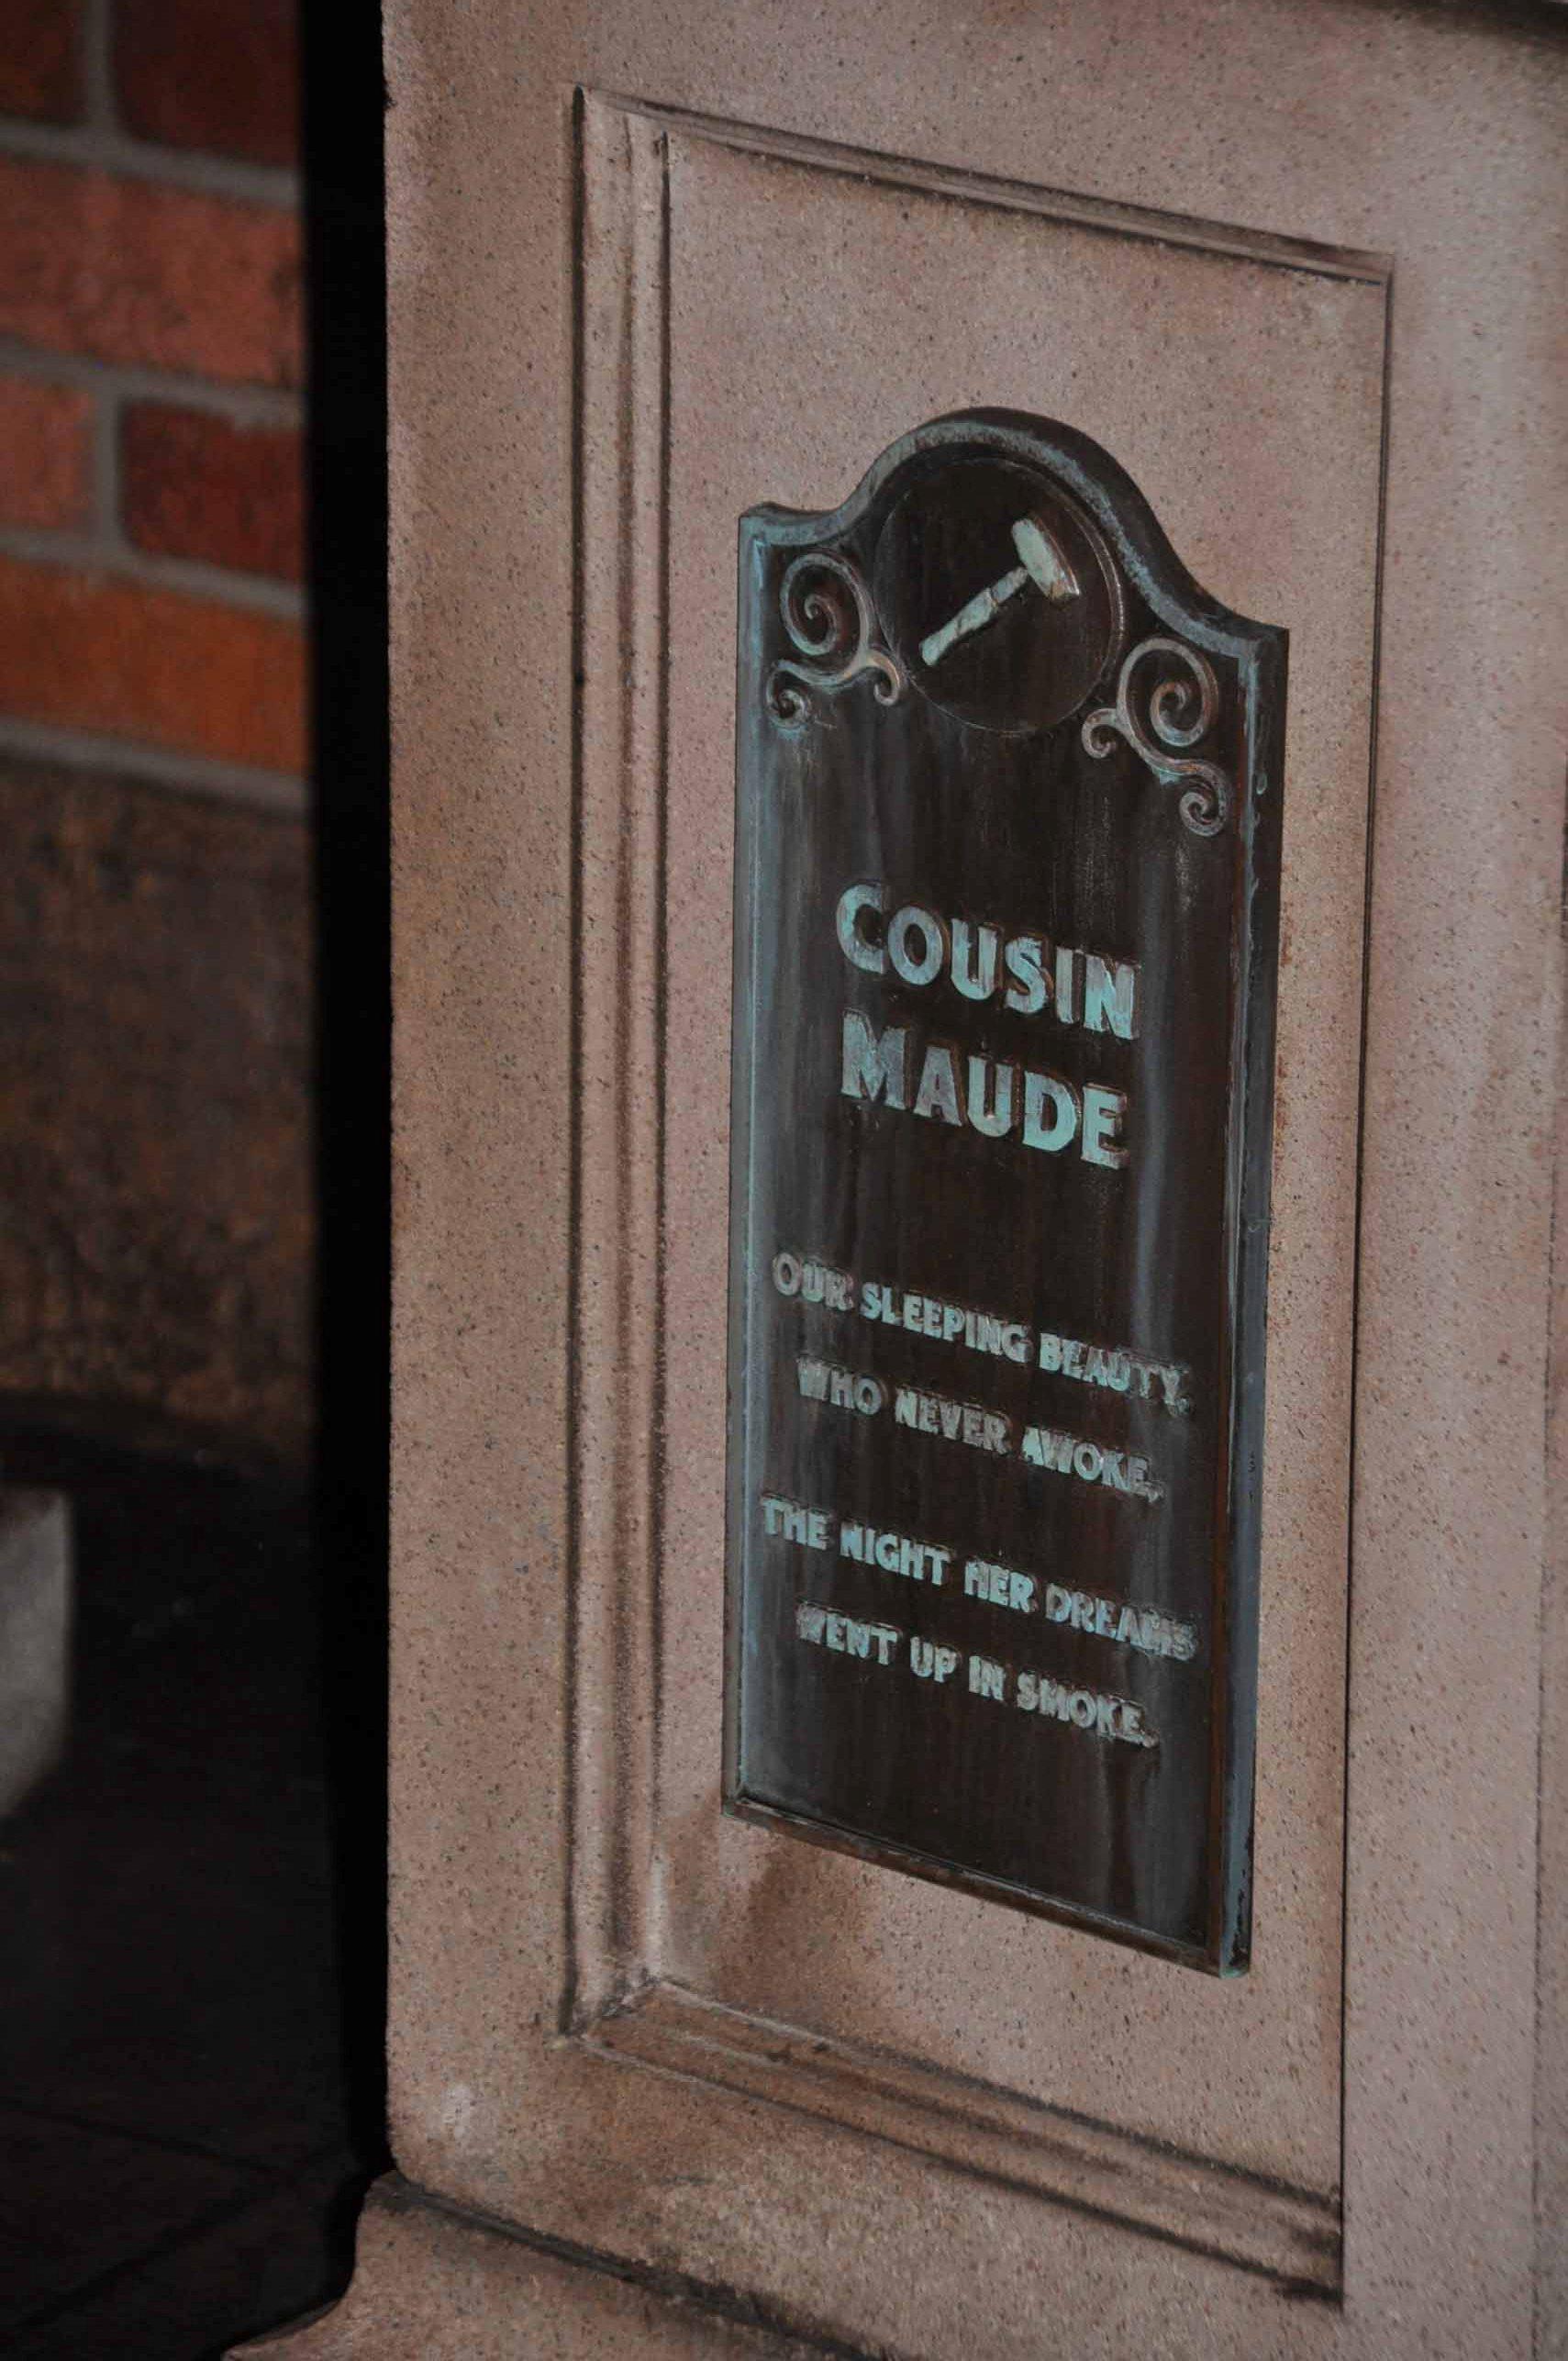 Haunted Mansion Queue - Cousin Maude 2